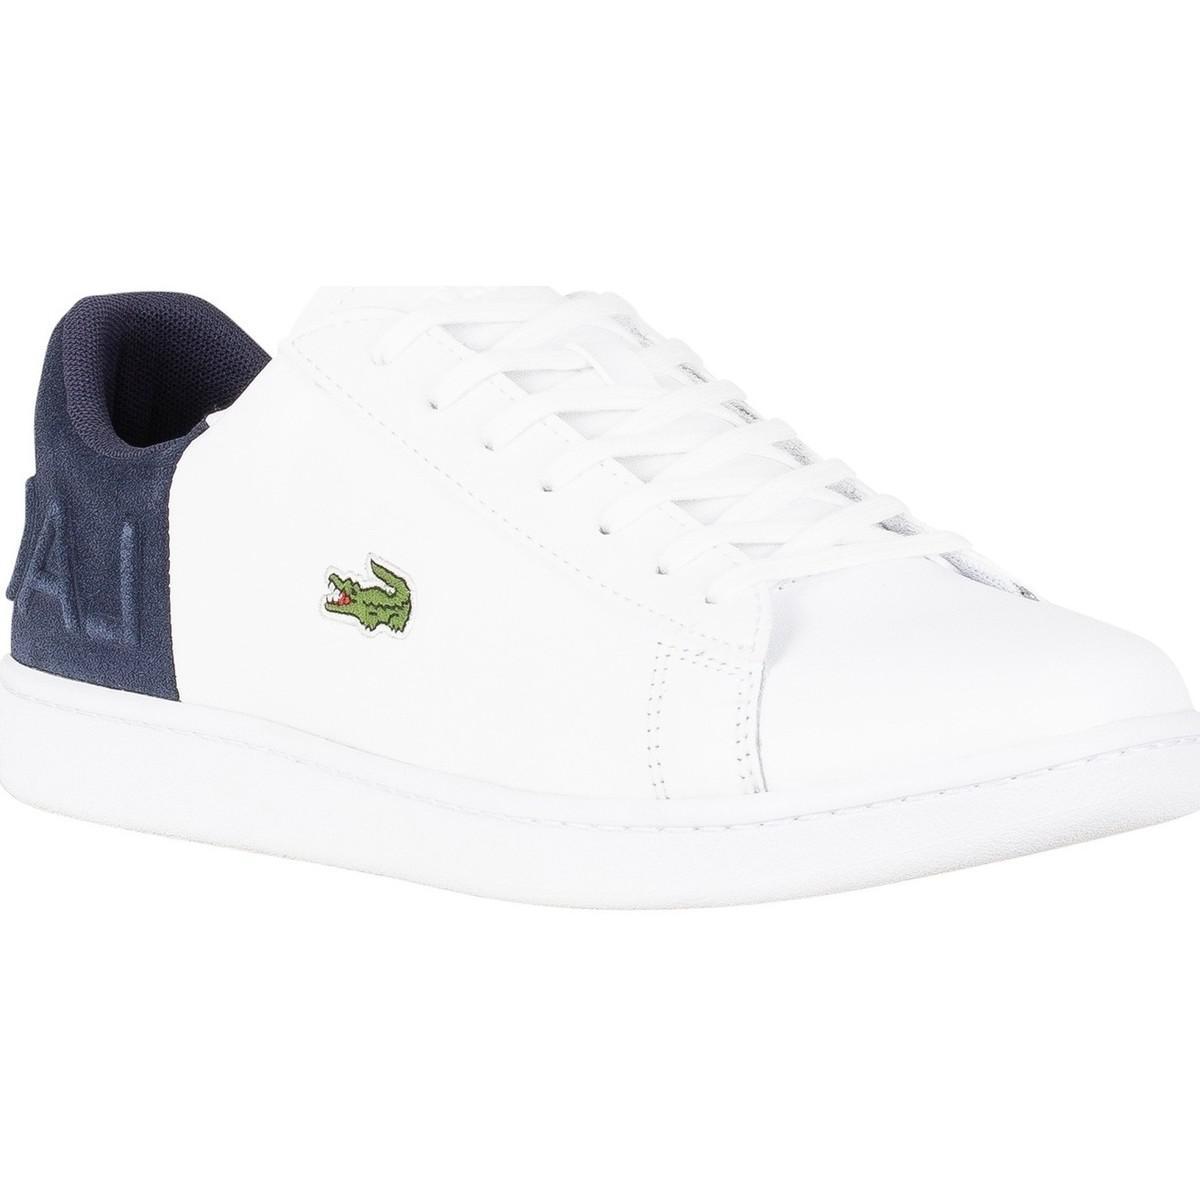 2 Lacoste Carnaby Spm En Homme CuirBlanc Coloris White Pour Qsp Trainers Hommes 318 Evo Chaussures FKTJcu1l3